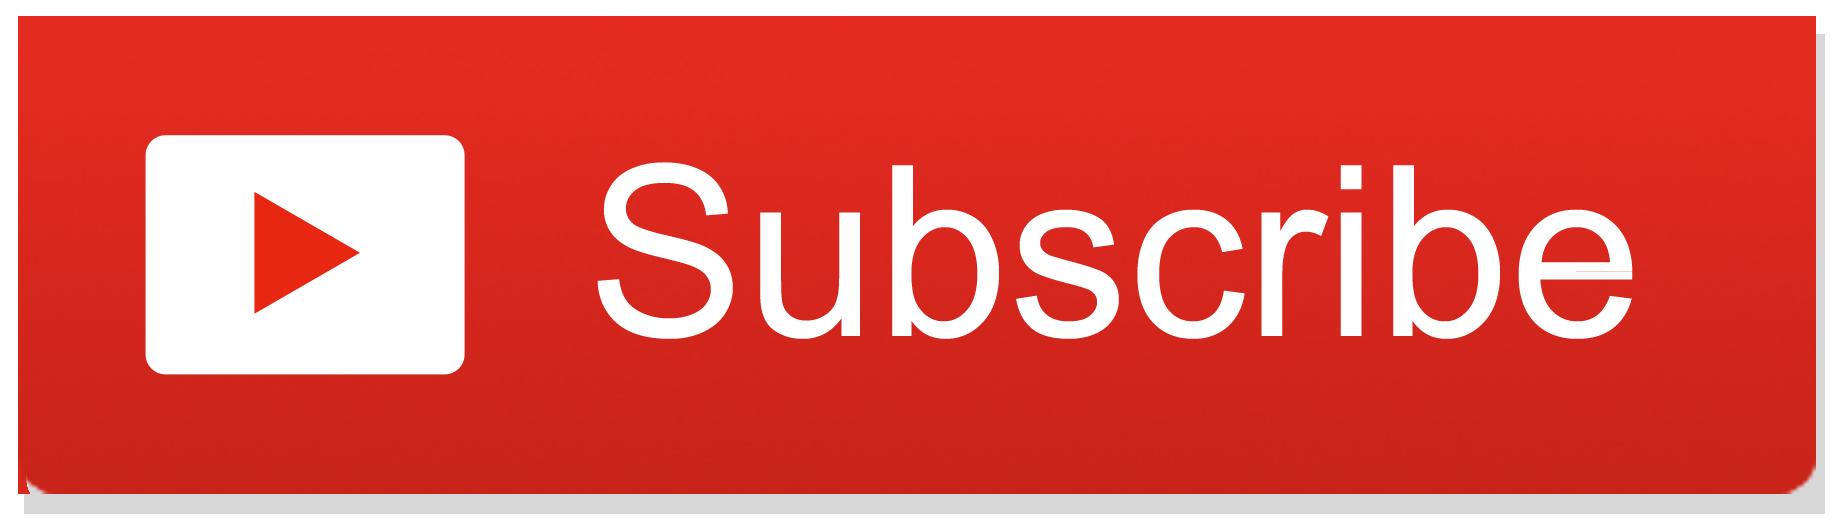 узнаете как картинка кнопки подписки на ютубе бесплатных объявлений владивостоке